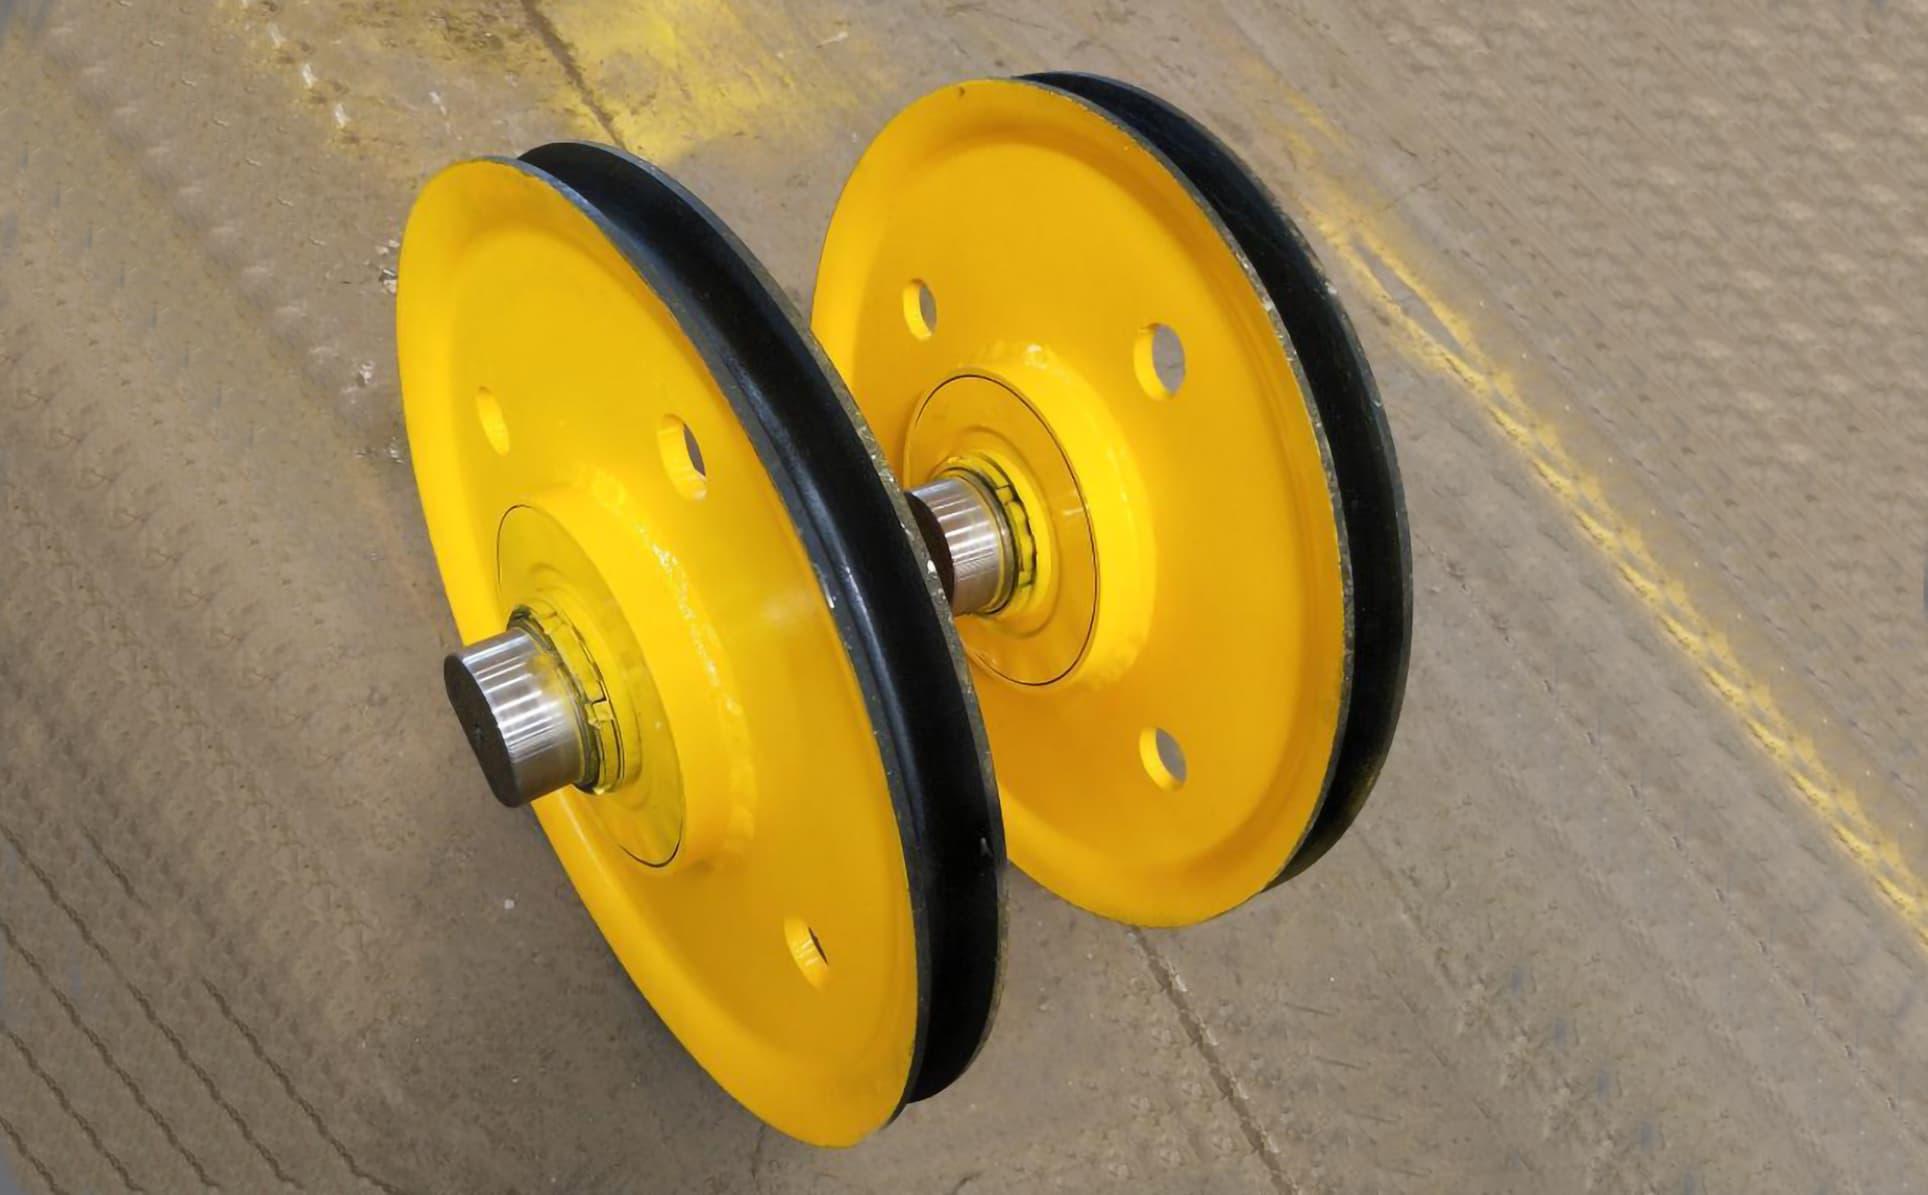 起重机热轧滑轮与铸钢滑轮的区别与选择-港口技术安全网